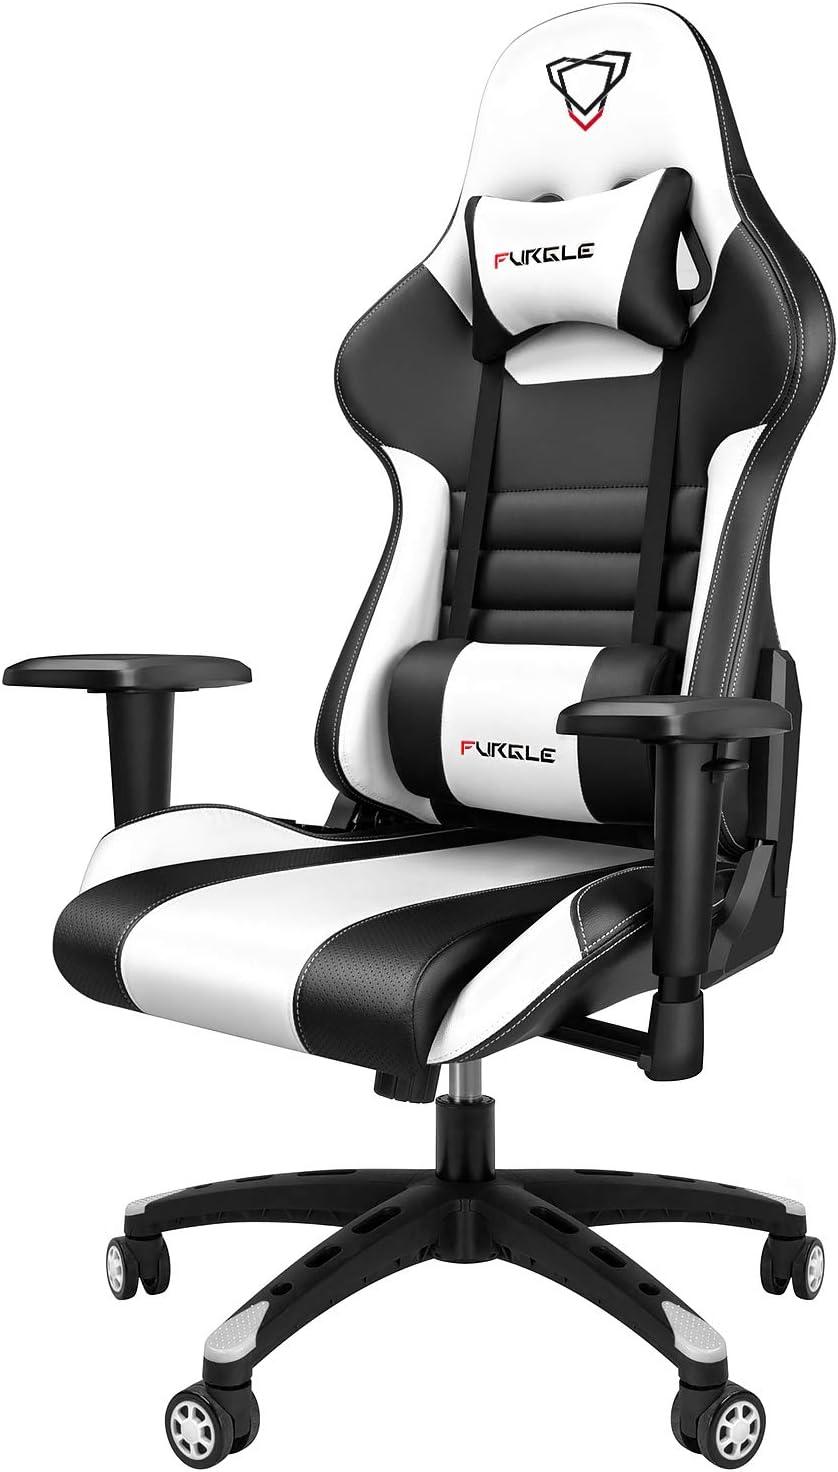 Furgle Office Gaming Chair Silla de Carreras con Respaldo Alto y reposabrazos Ajustables Piel sintética Silla de Videojuegos giratoria con Modo balancín (Negro & Blanco)